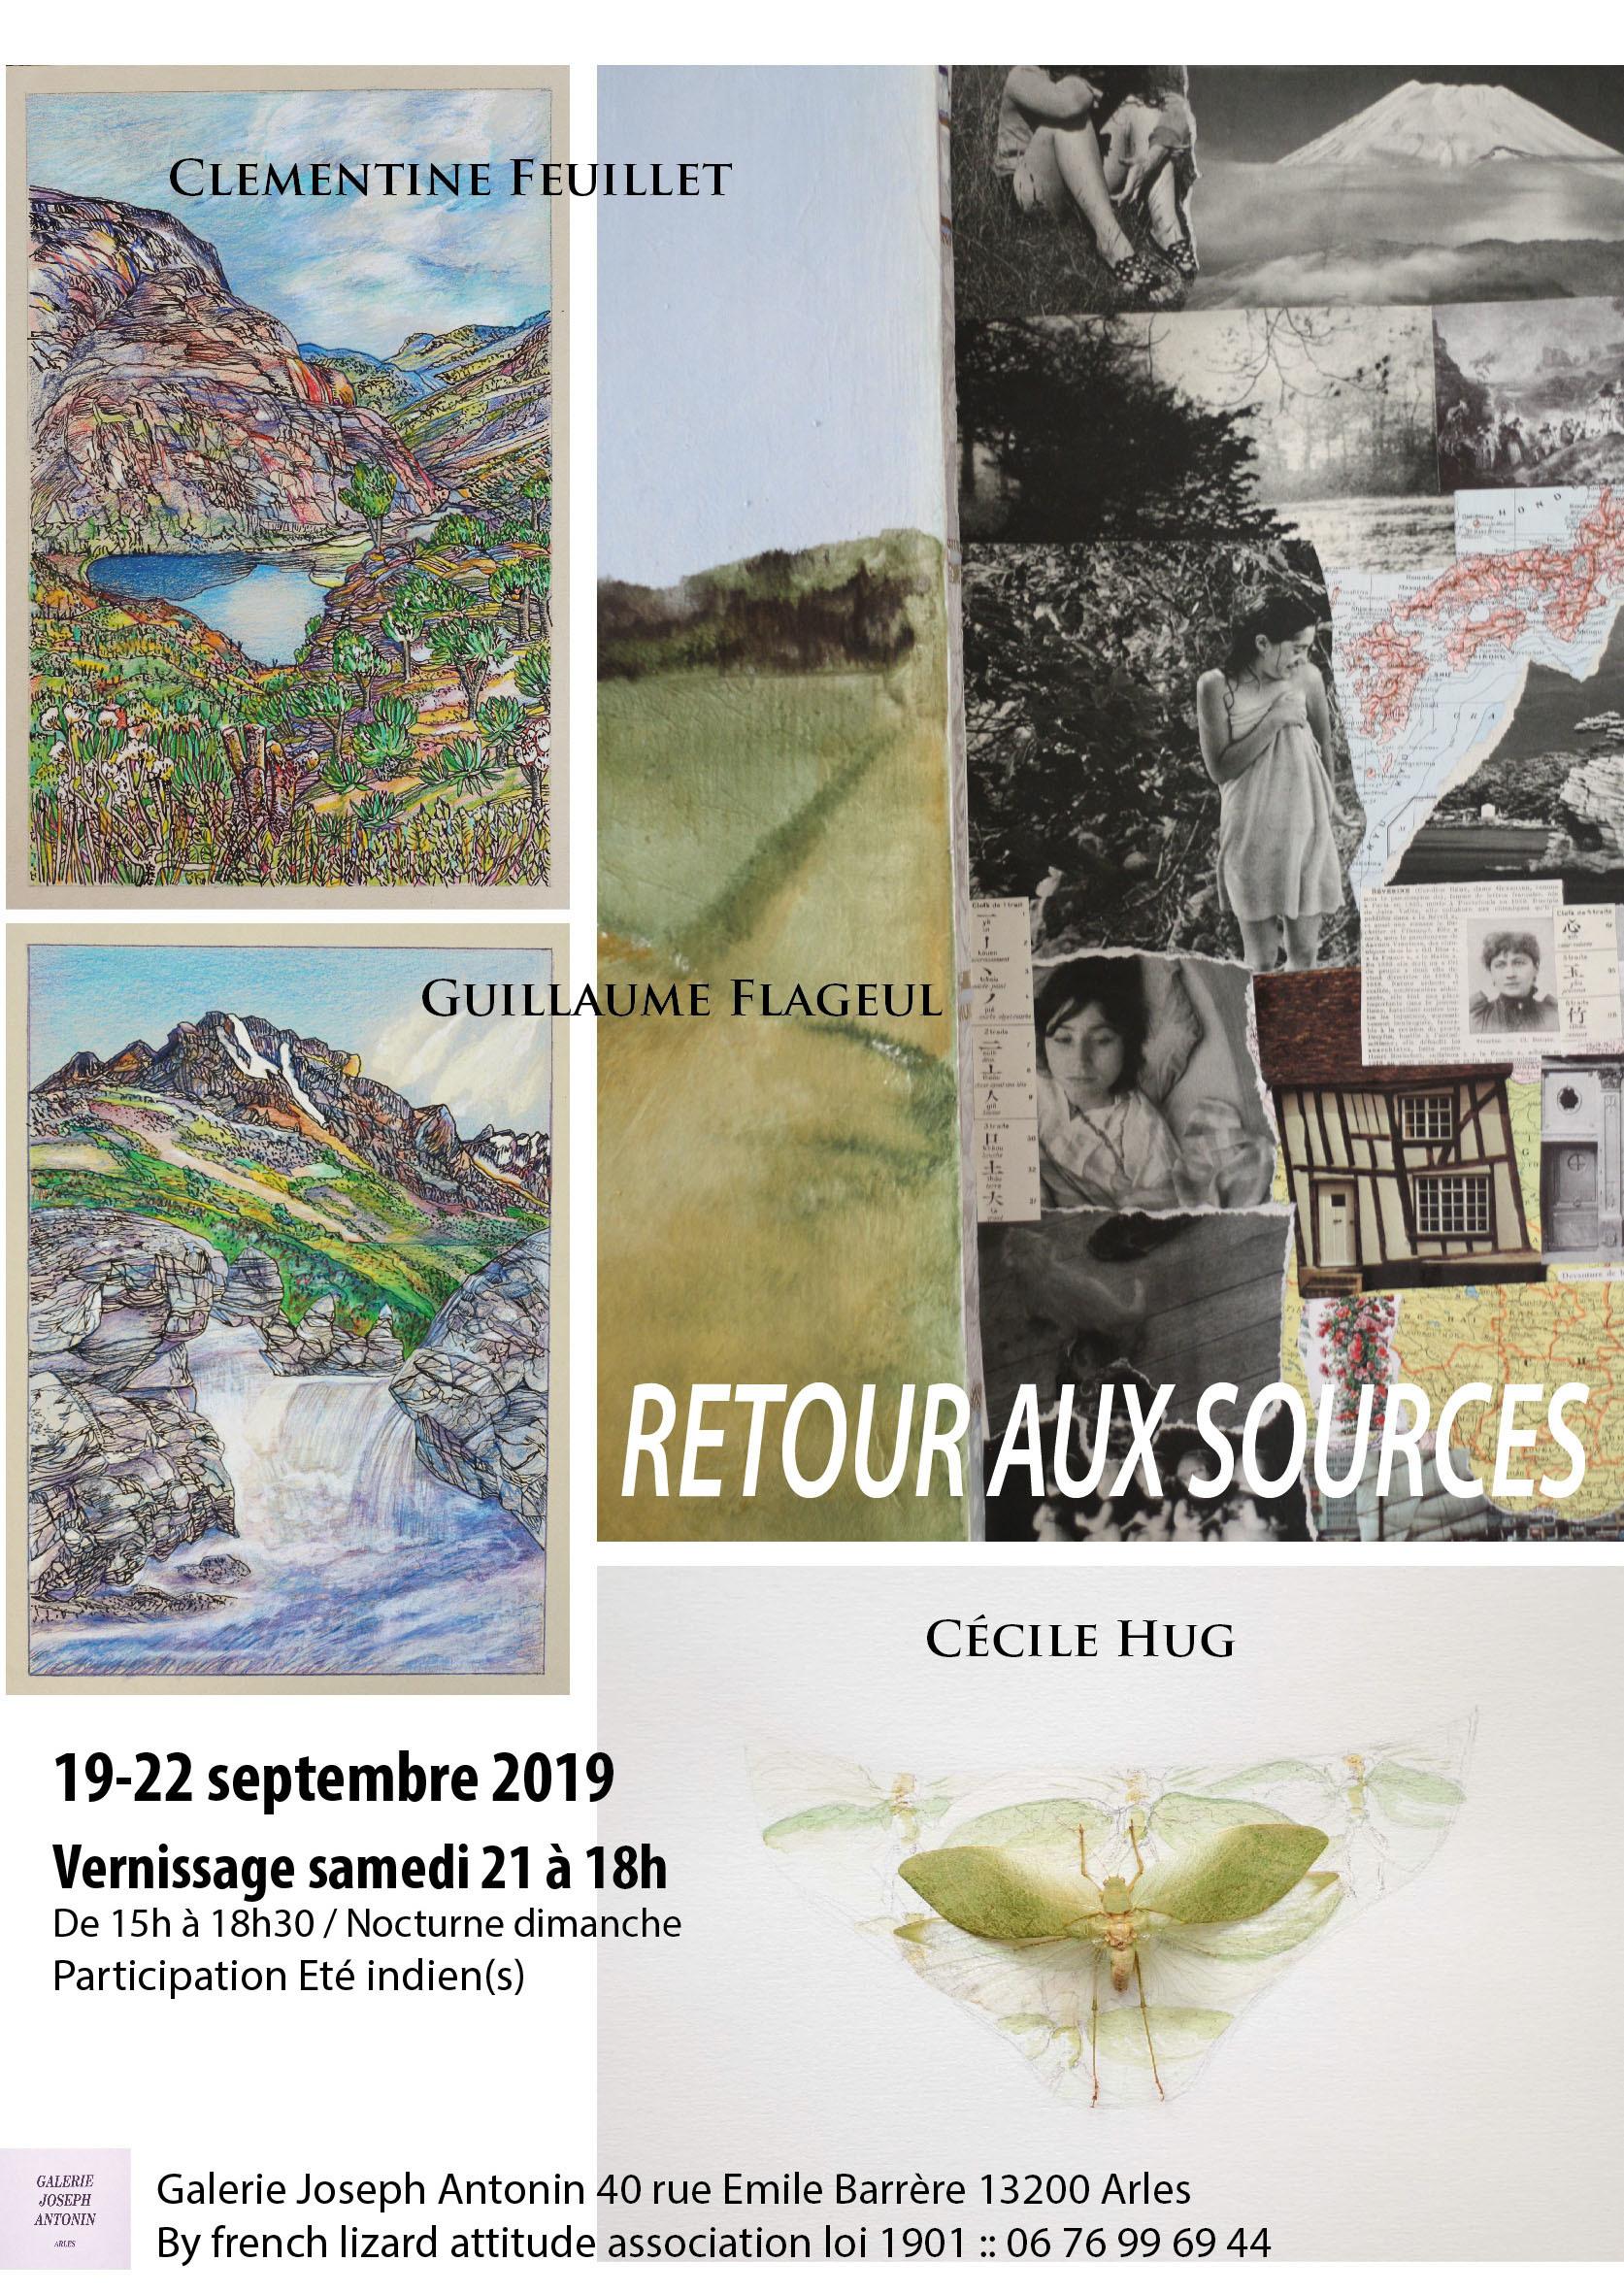 La galerie re-ouvre ses portes et invite Cécile Hug, Clémentine Feuillet, Guillaume Flageul à présenter des oeuvres singulières autour de la relation entre sujet et nature.